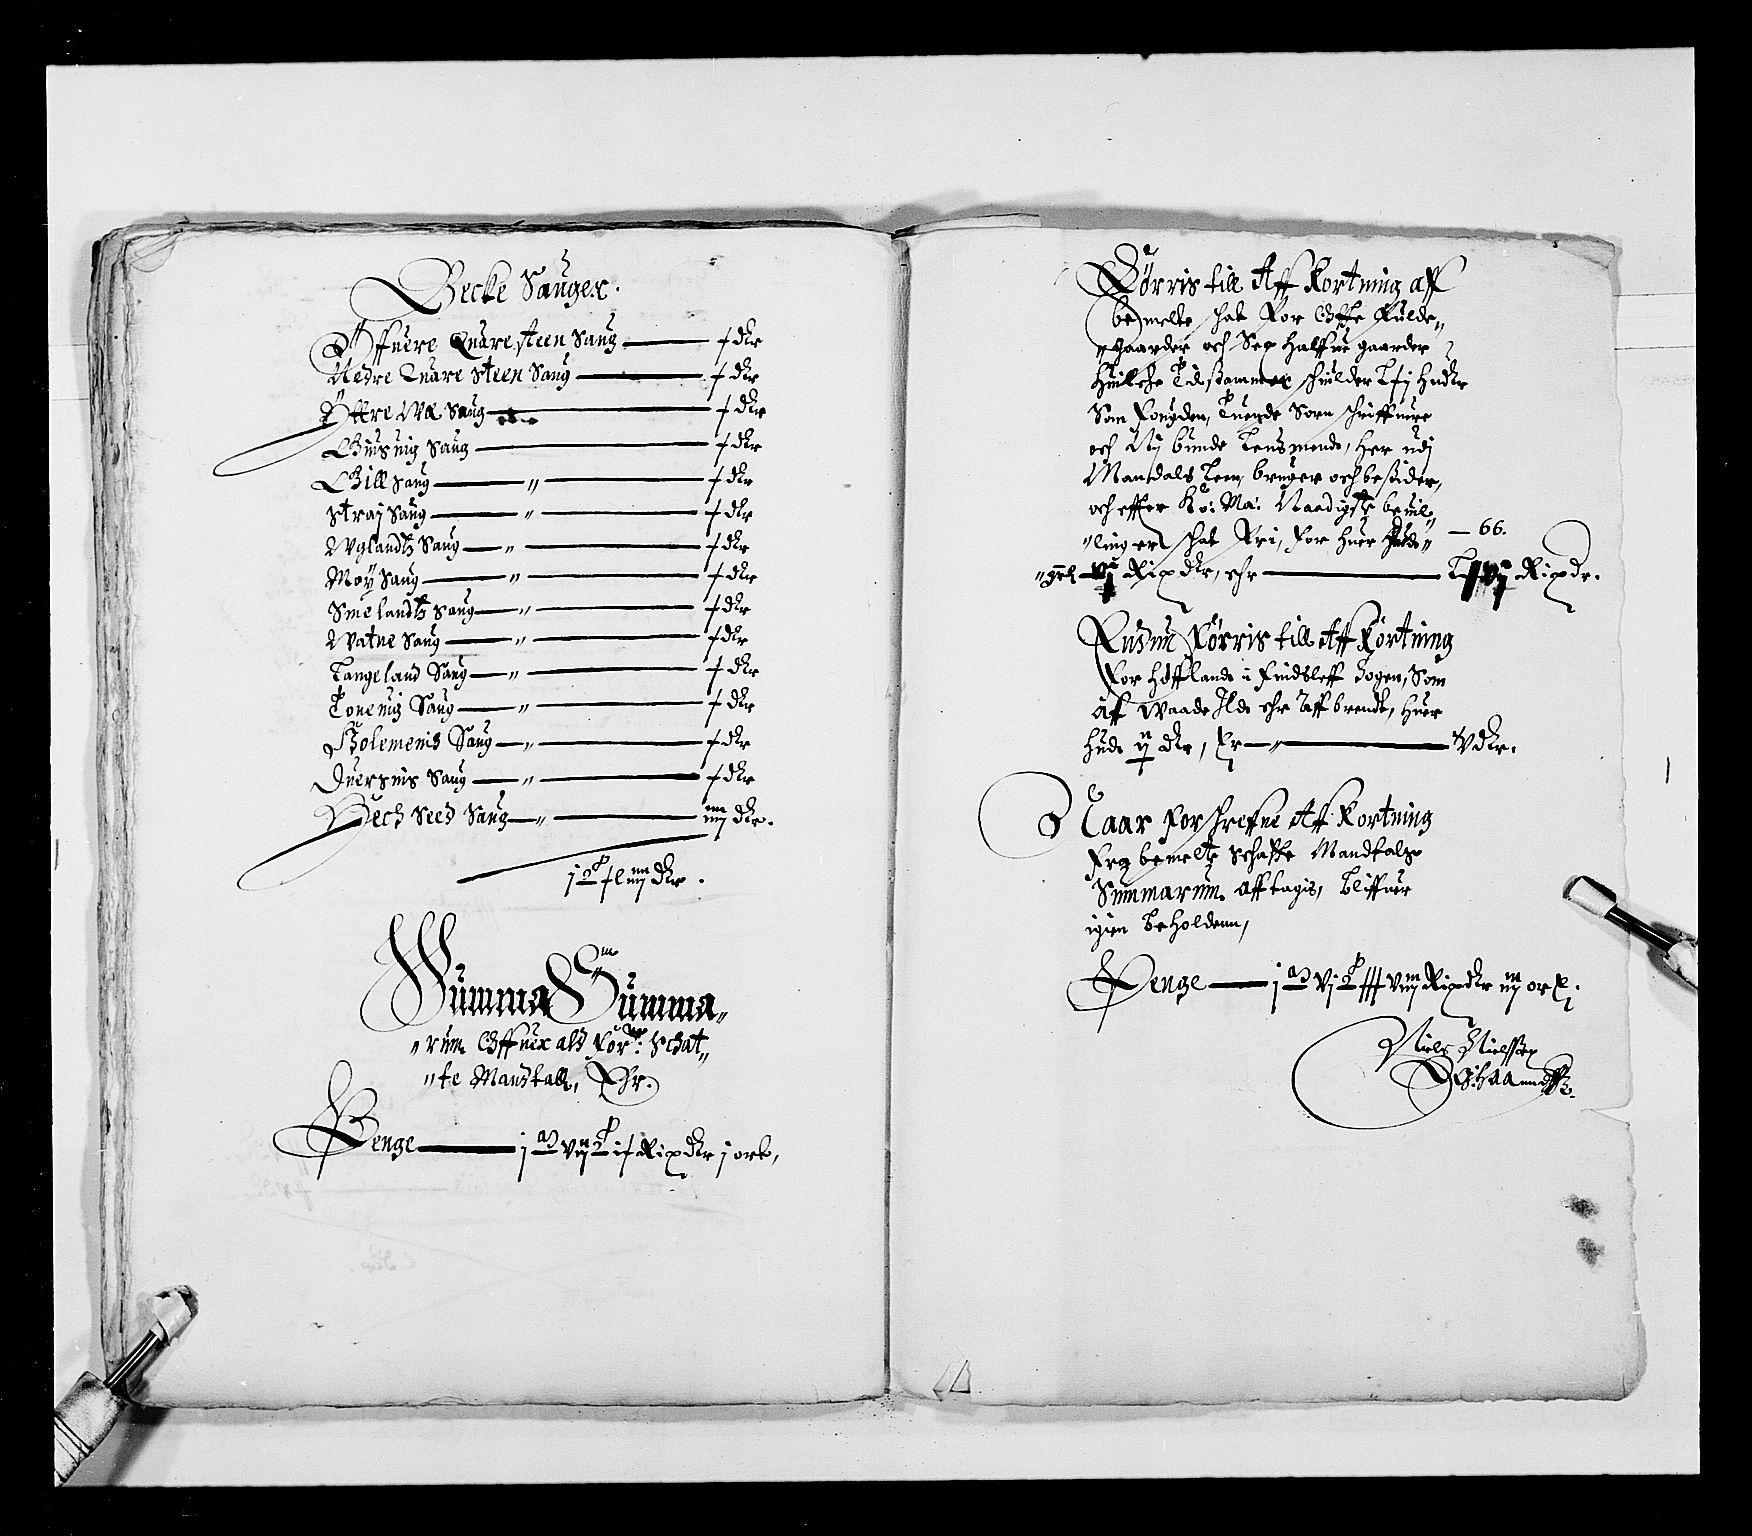 RA, Stattholderembetet 1572-1771, Ek/L0023: Jordebøker 1633-1658:, 1648-1649, s. 86